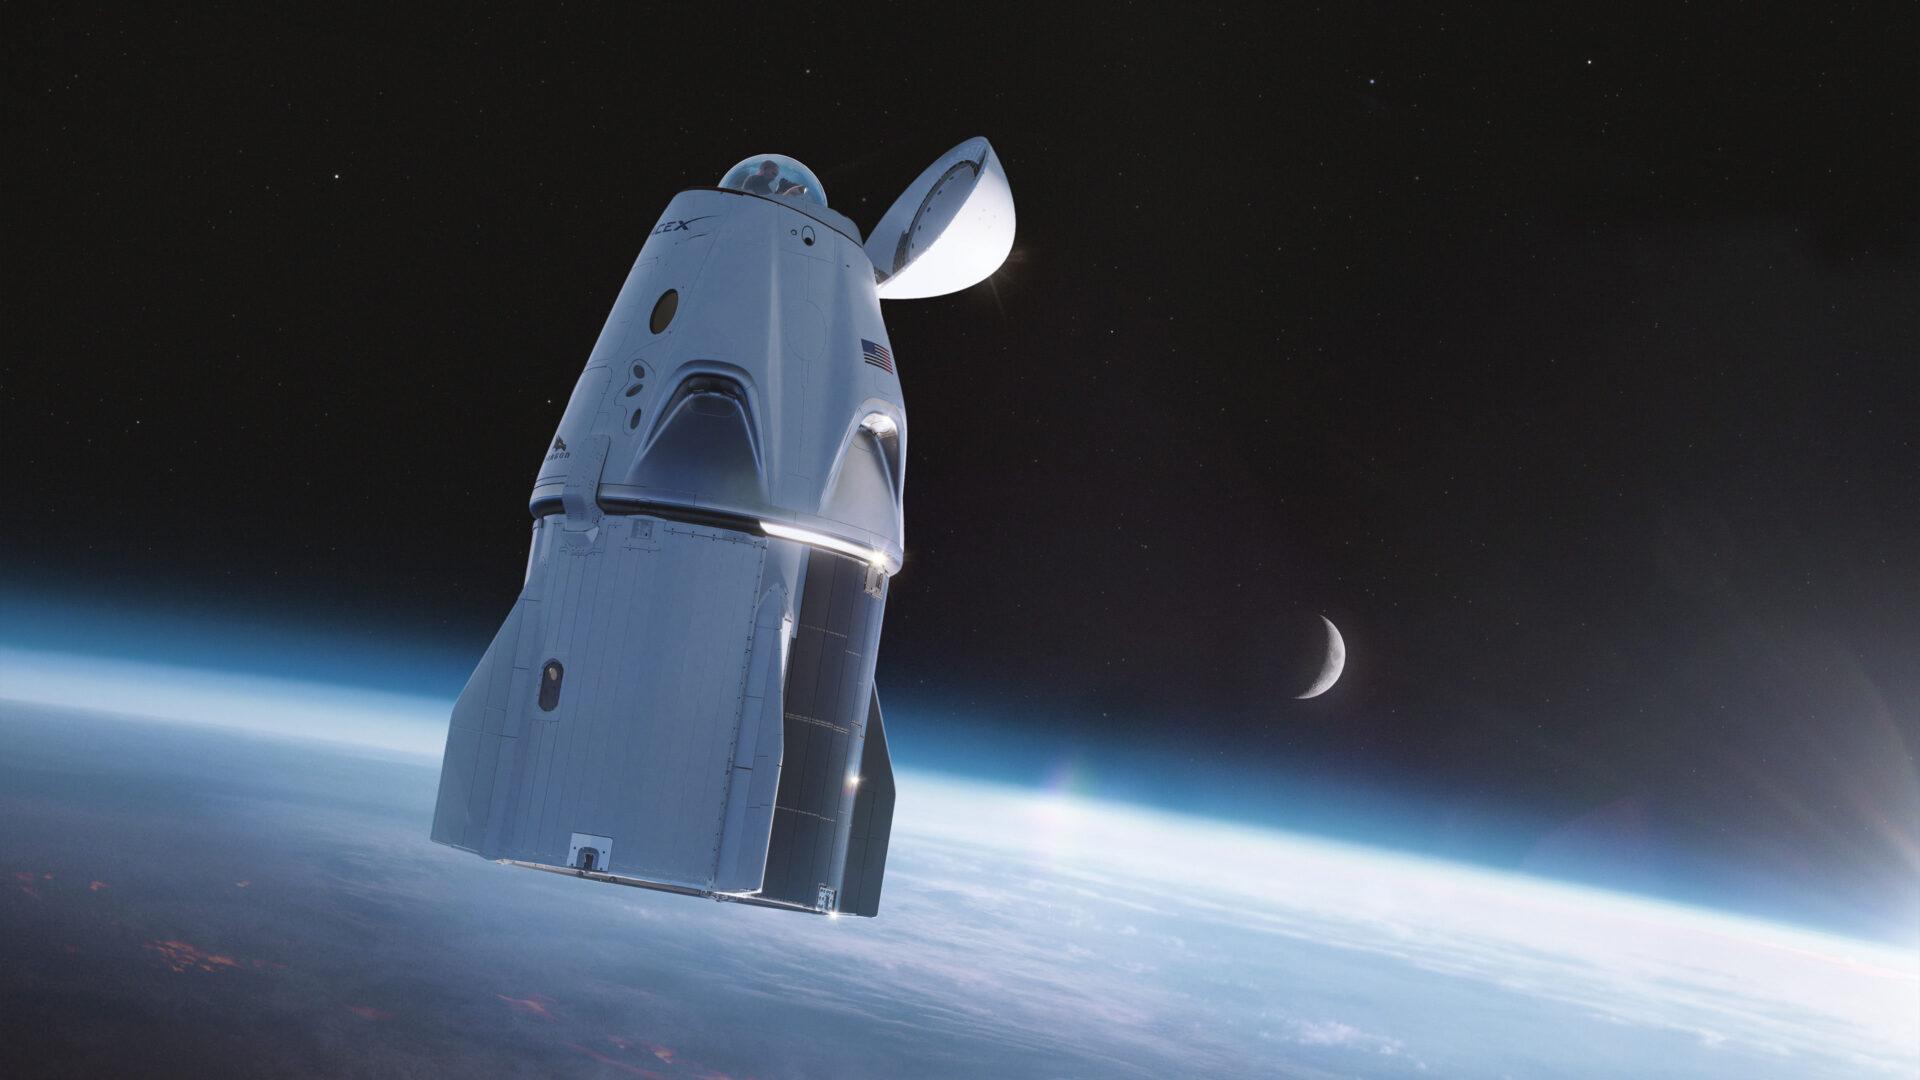 Chuyến bay Inspiration4 chở 4 dân thường của SpaceX sẽ bay cao hơn ISS suốt 3 ngày